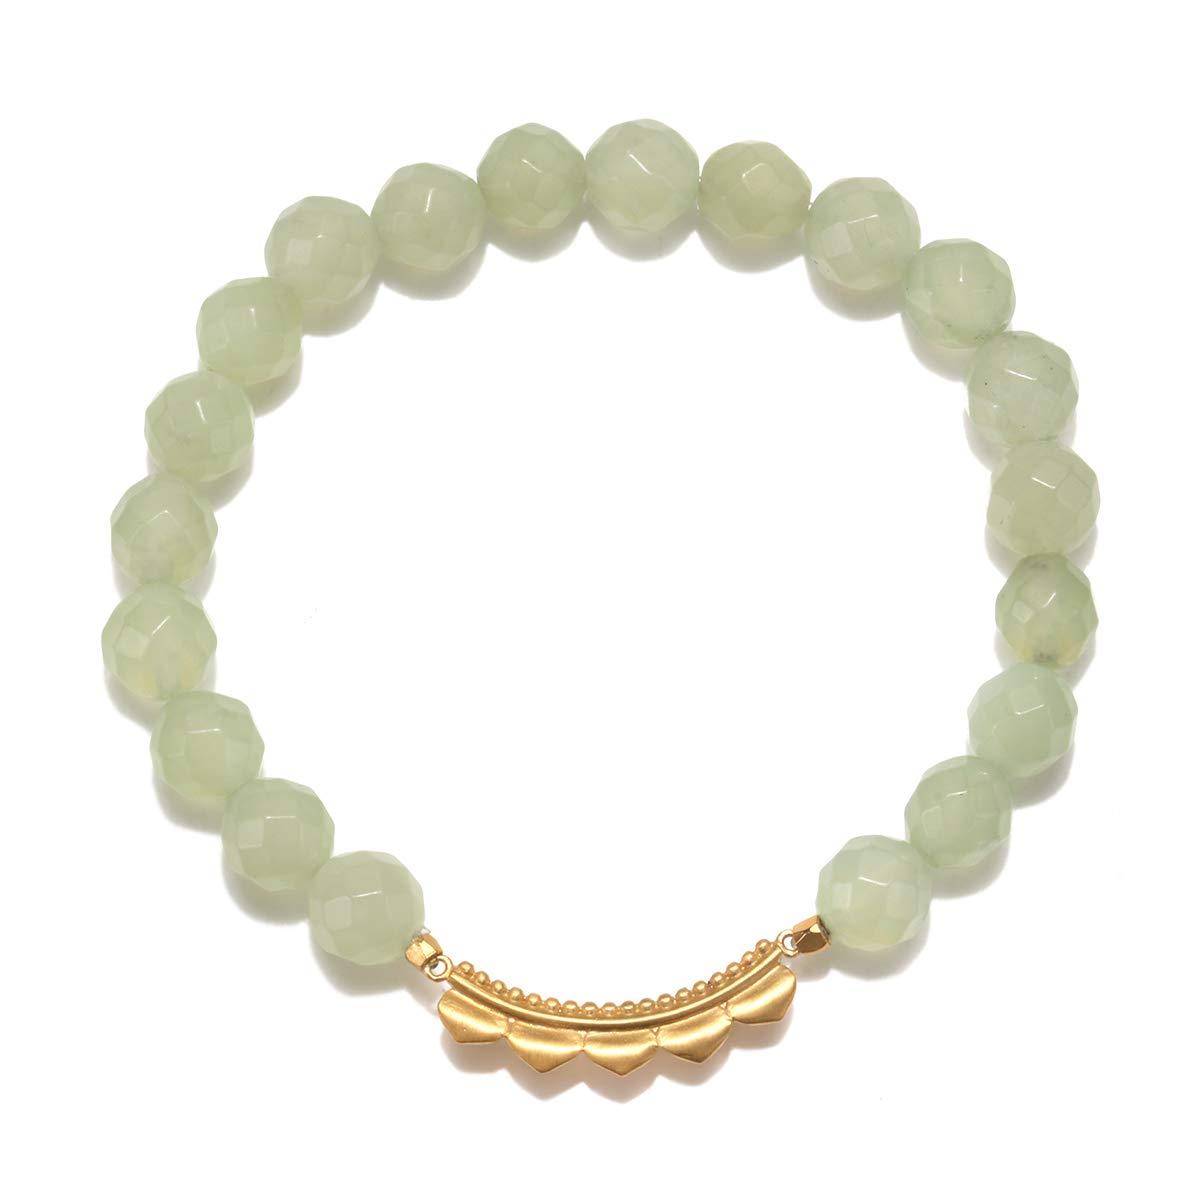 Satya Jewelry Petal New Jade Stretch Bracelet, Green, One Size